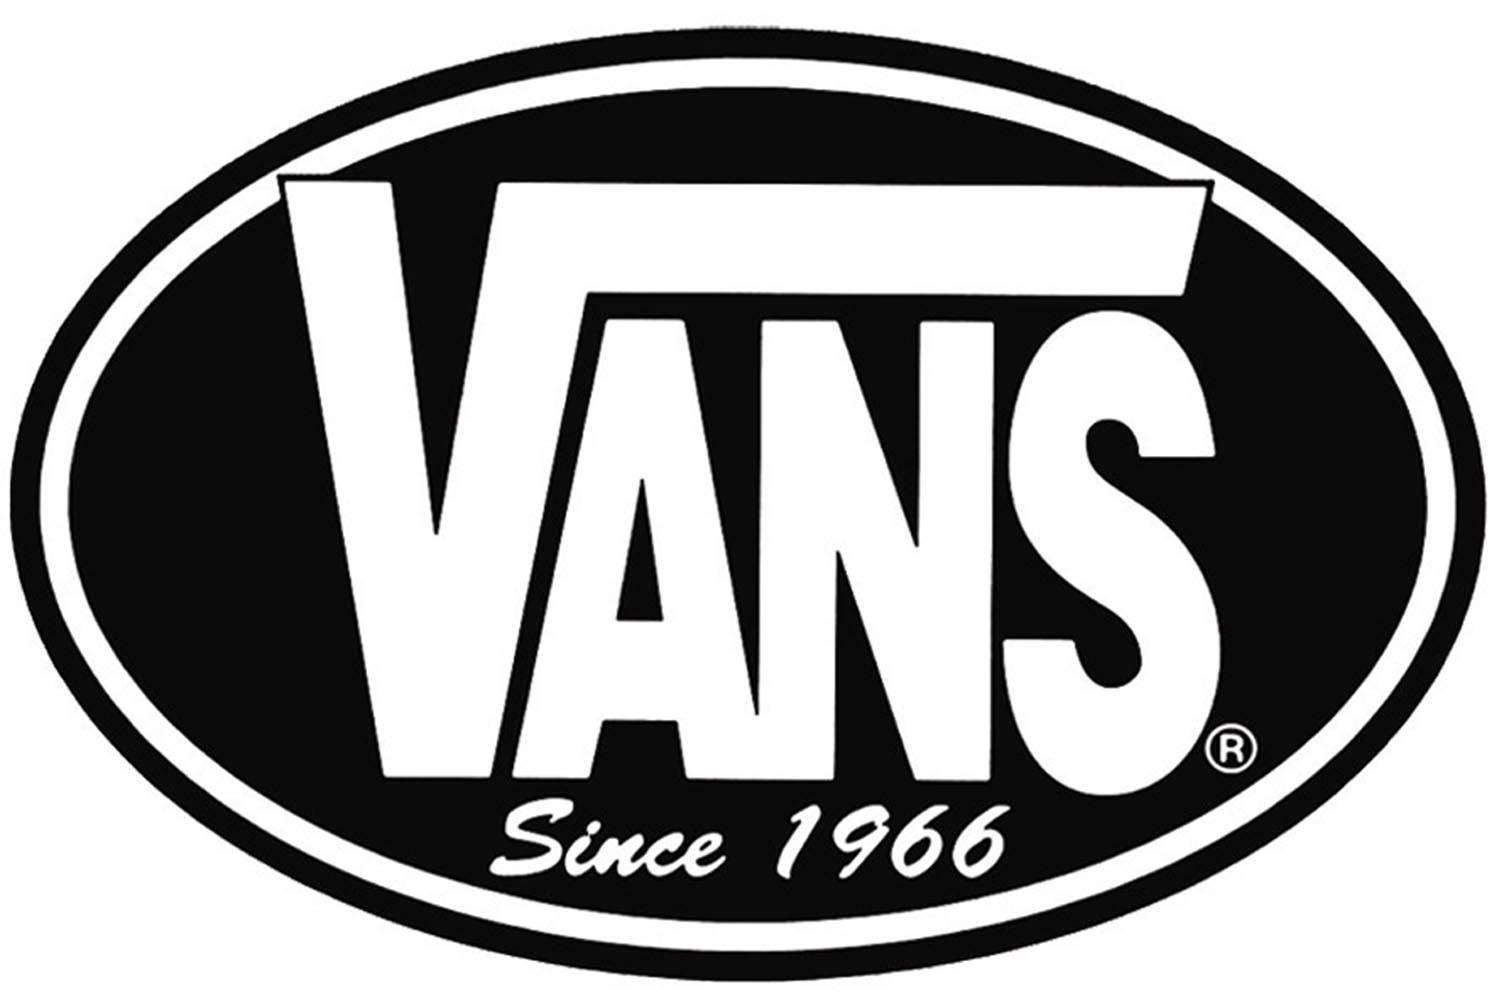 vans official